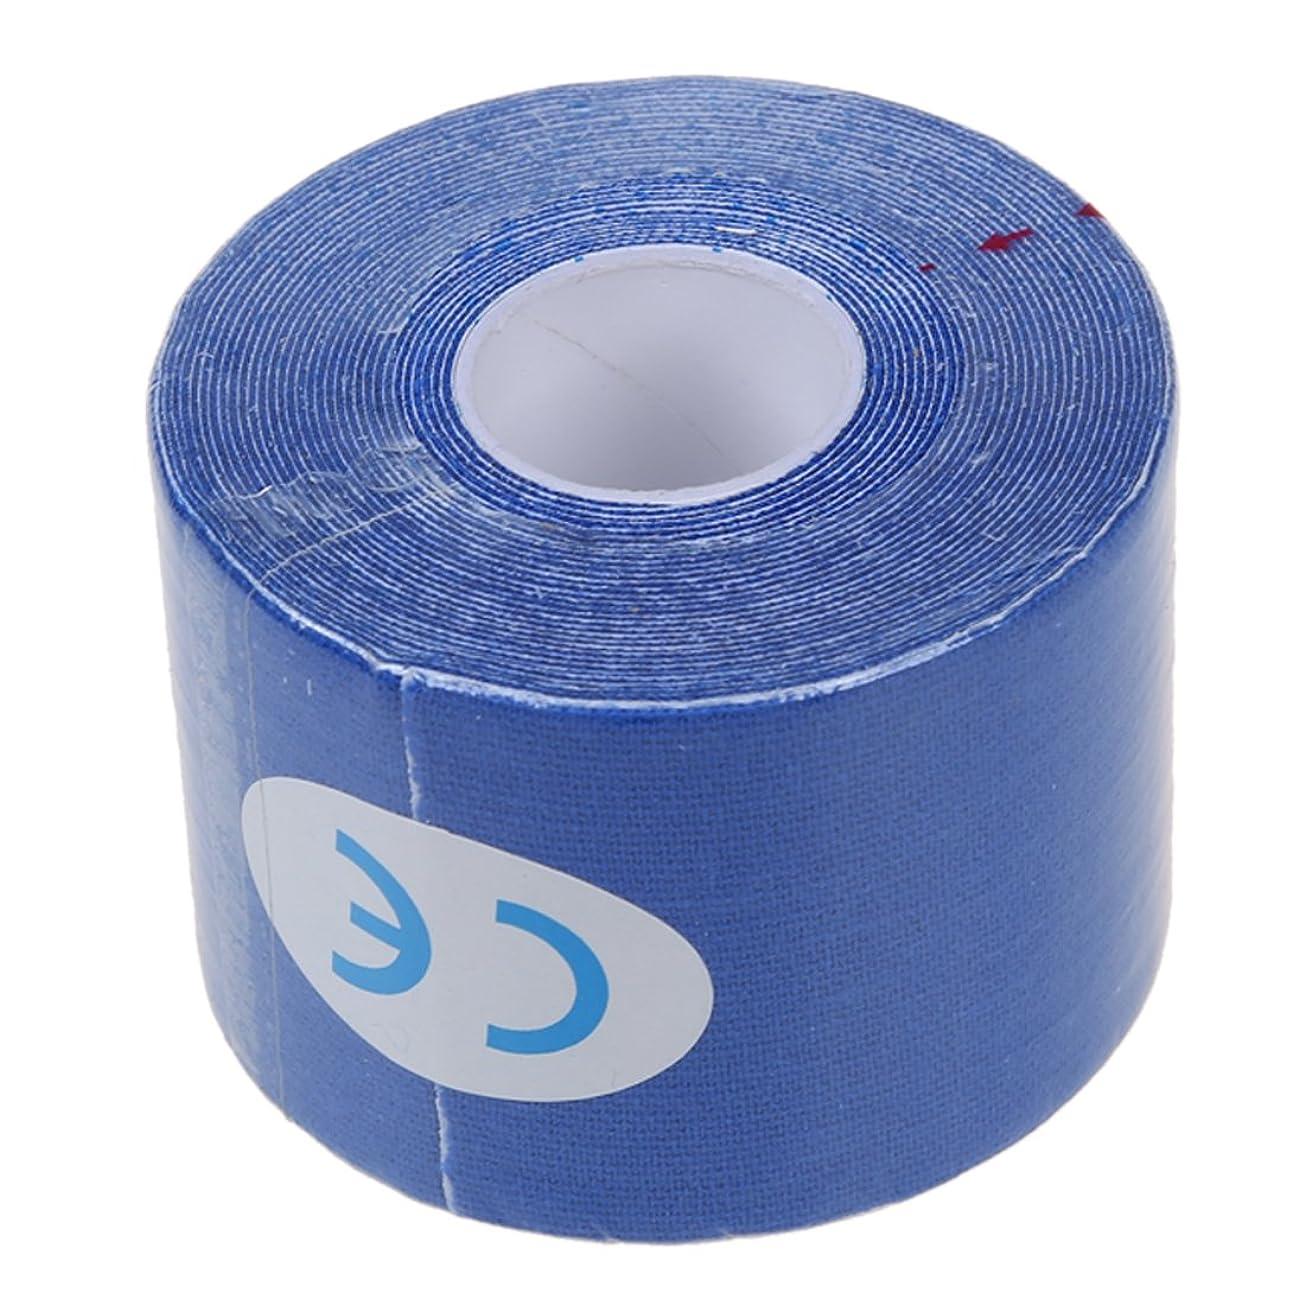 逃れる同様のセラフNrpfell 1ロールスポーツ運動学筋肉ケア フィットネスアスレチック健康テープ5M * 5CM -ネービーブルー